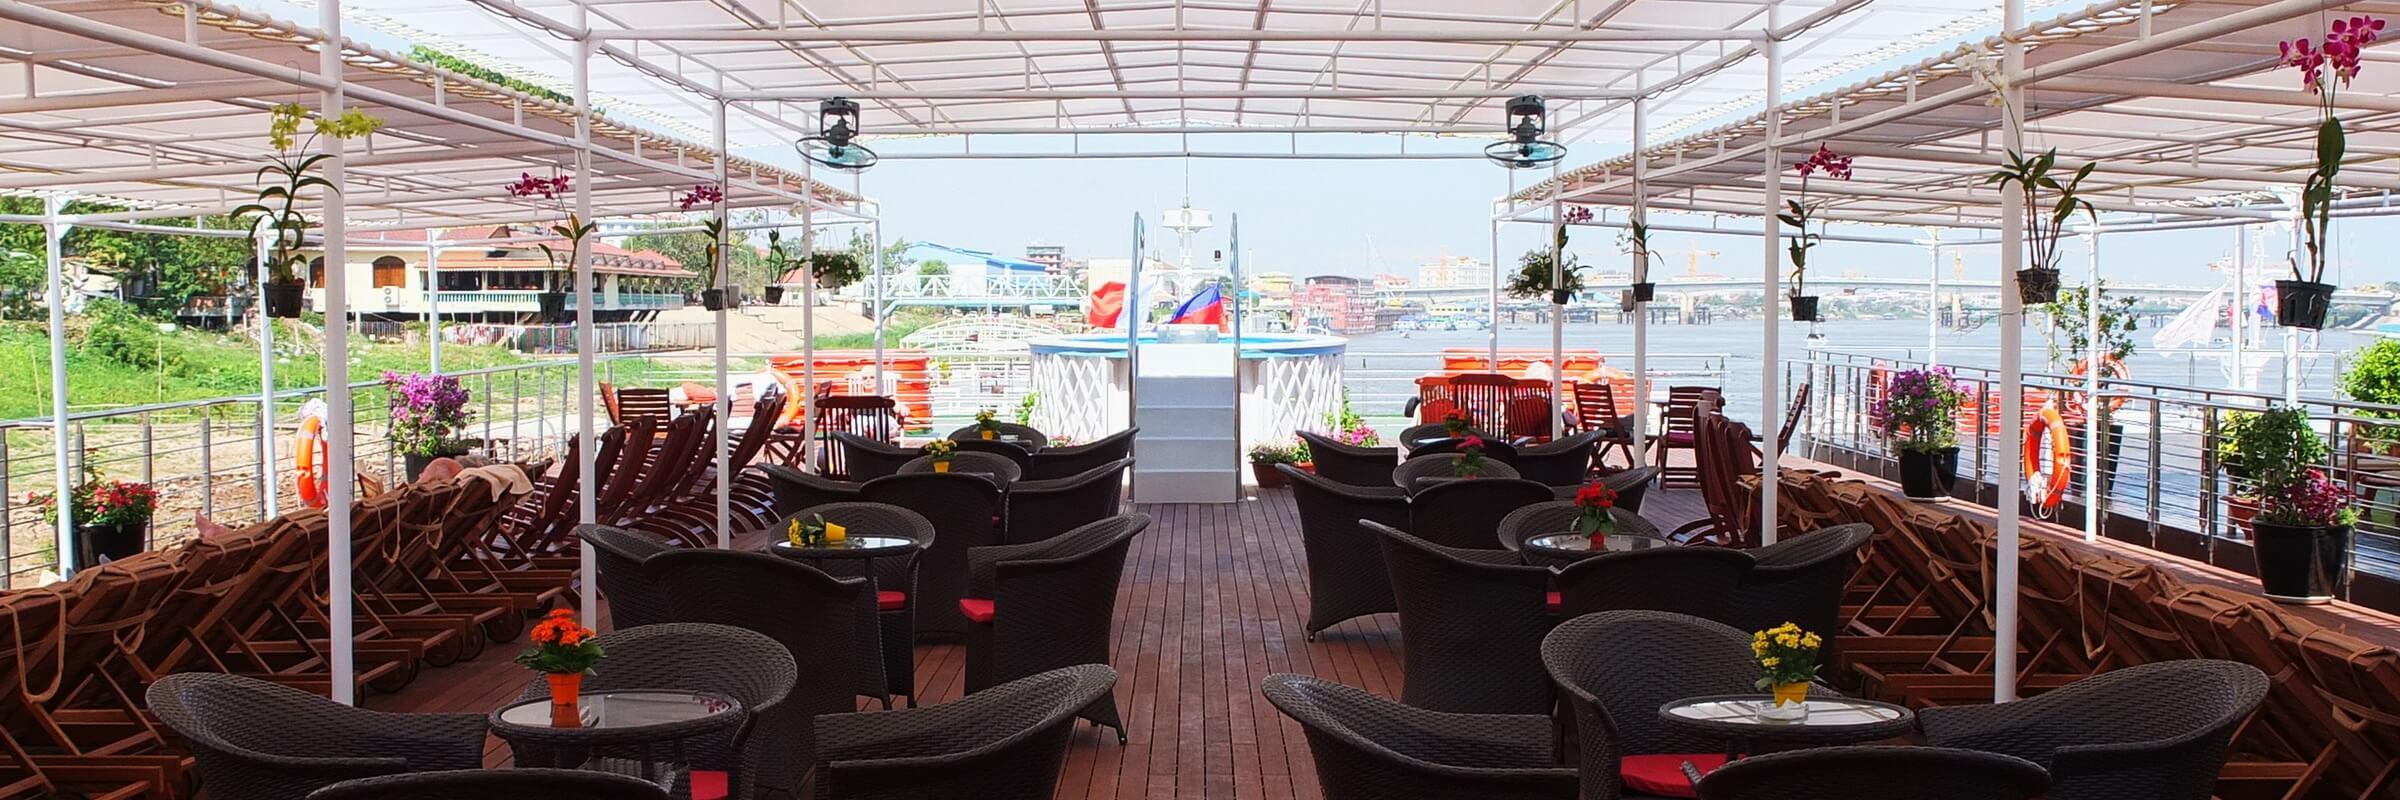 Das Sonnendeck der Mekong Prestige befindet sich auf dem obersten Deck. Es ist mit Liegestühlen, Sitzecken und einem Whirl-Pool ausgestattet.